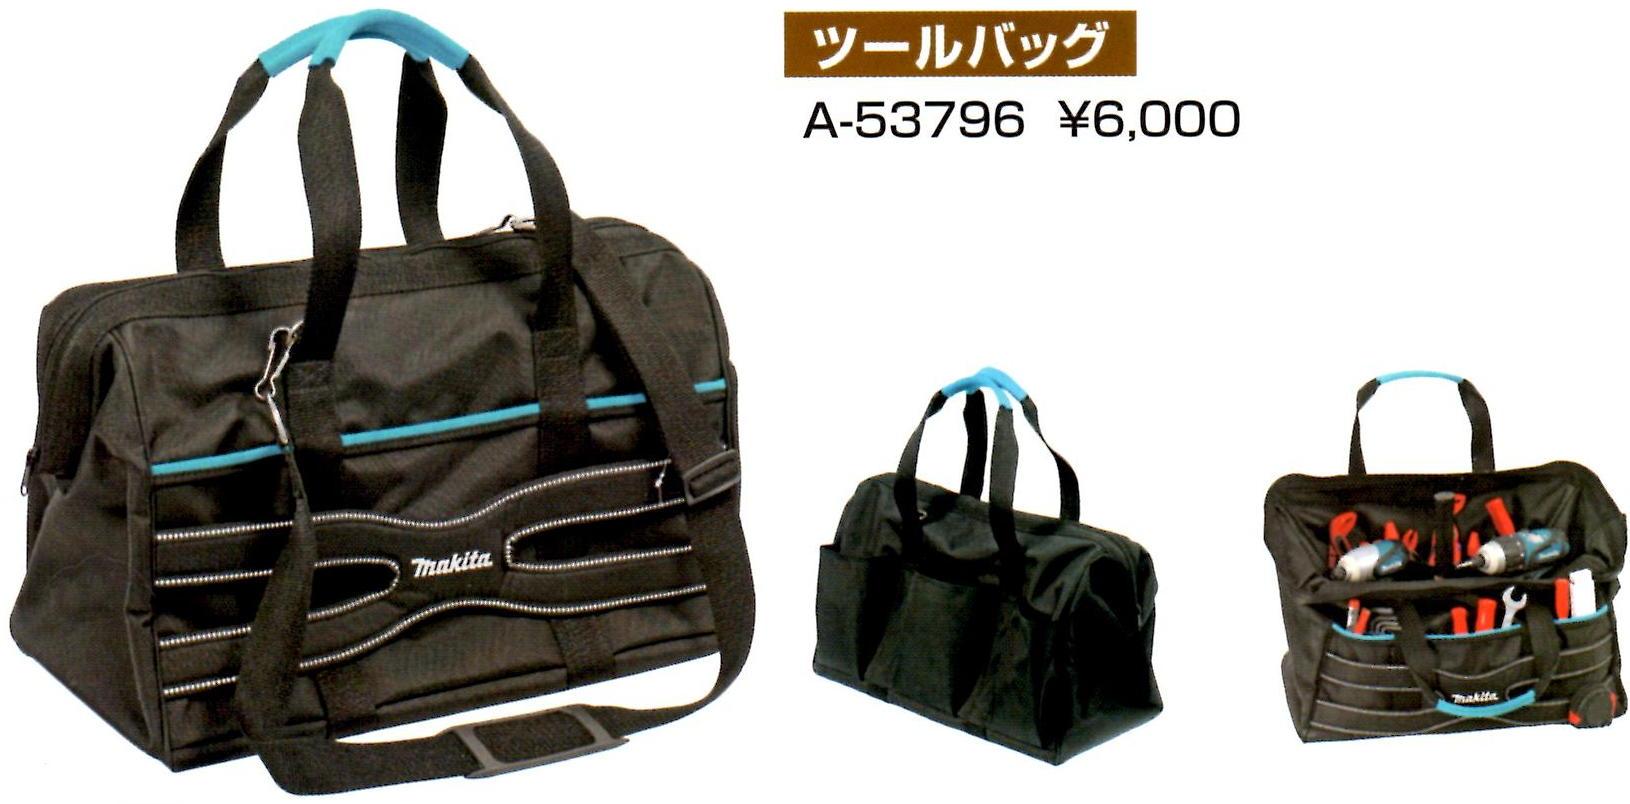 マキタ ツールバッグ A-53796